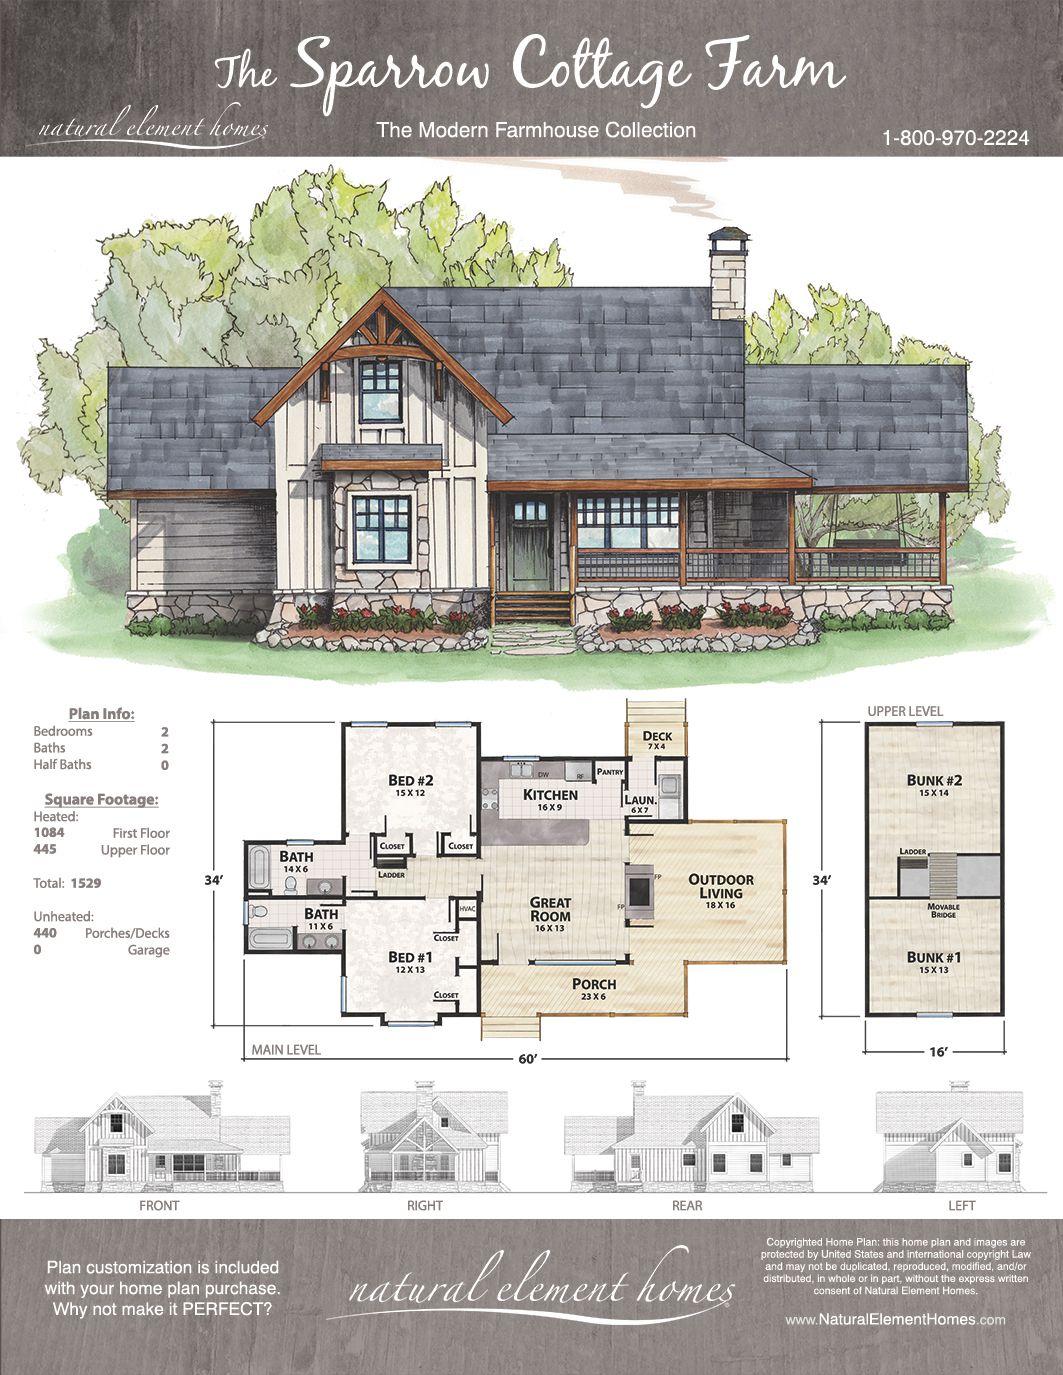 Sparrow Cottage Farm Natural Element Homes Modern Farmhouse Dream House Plans New House Plans House Design